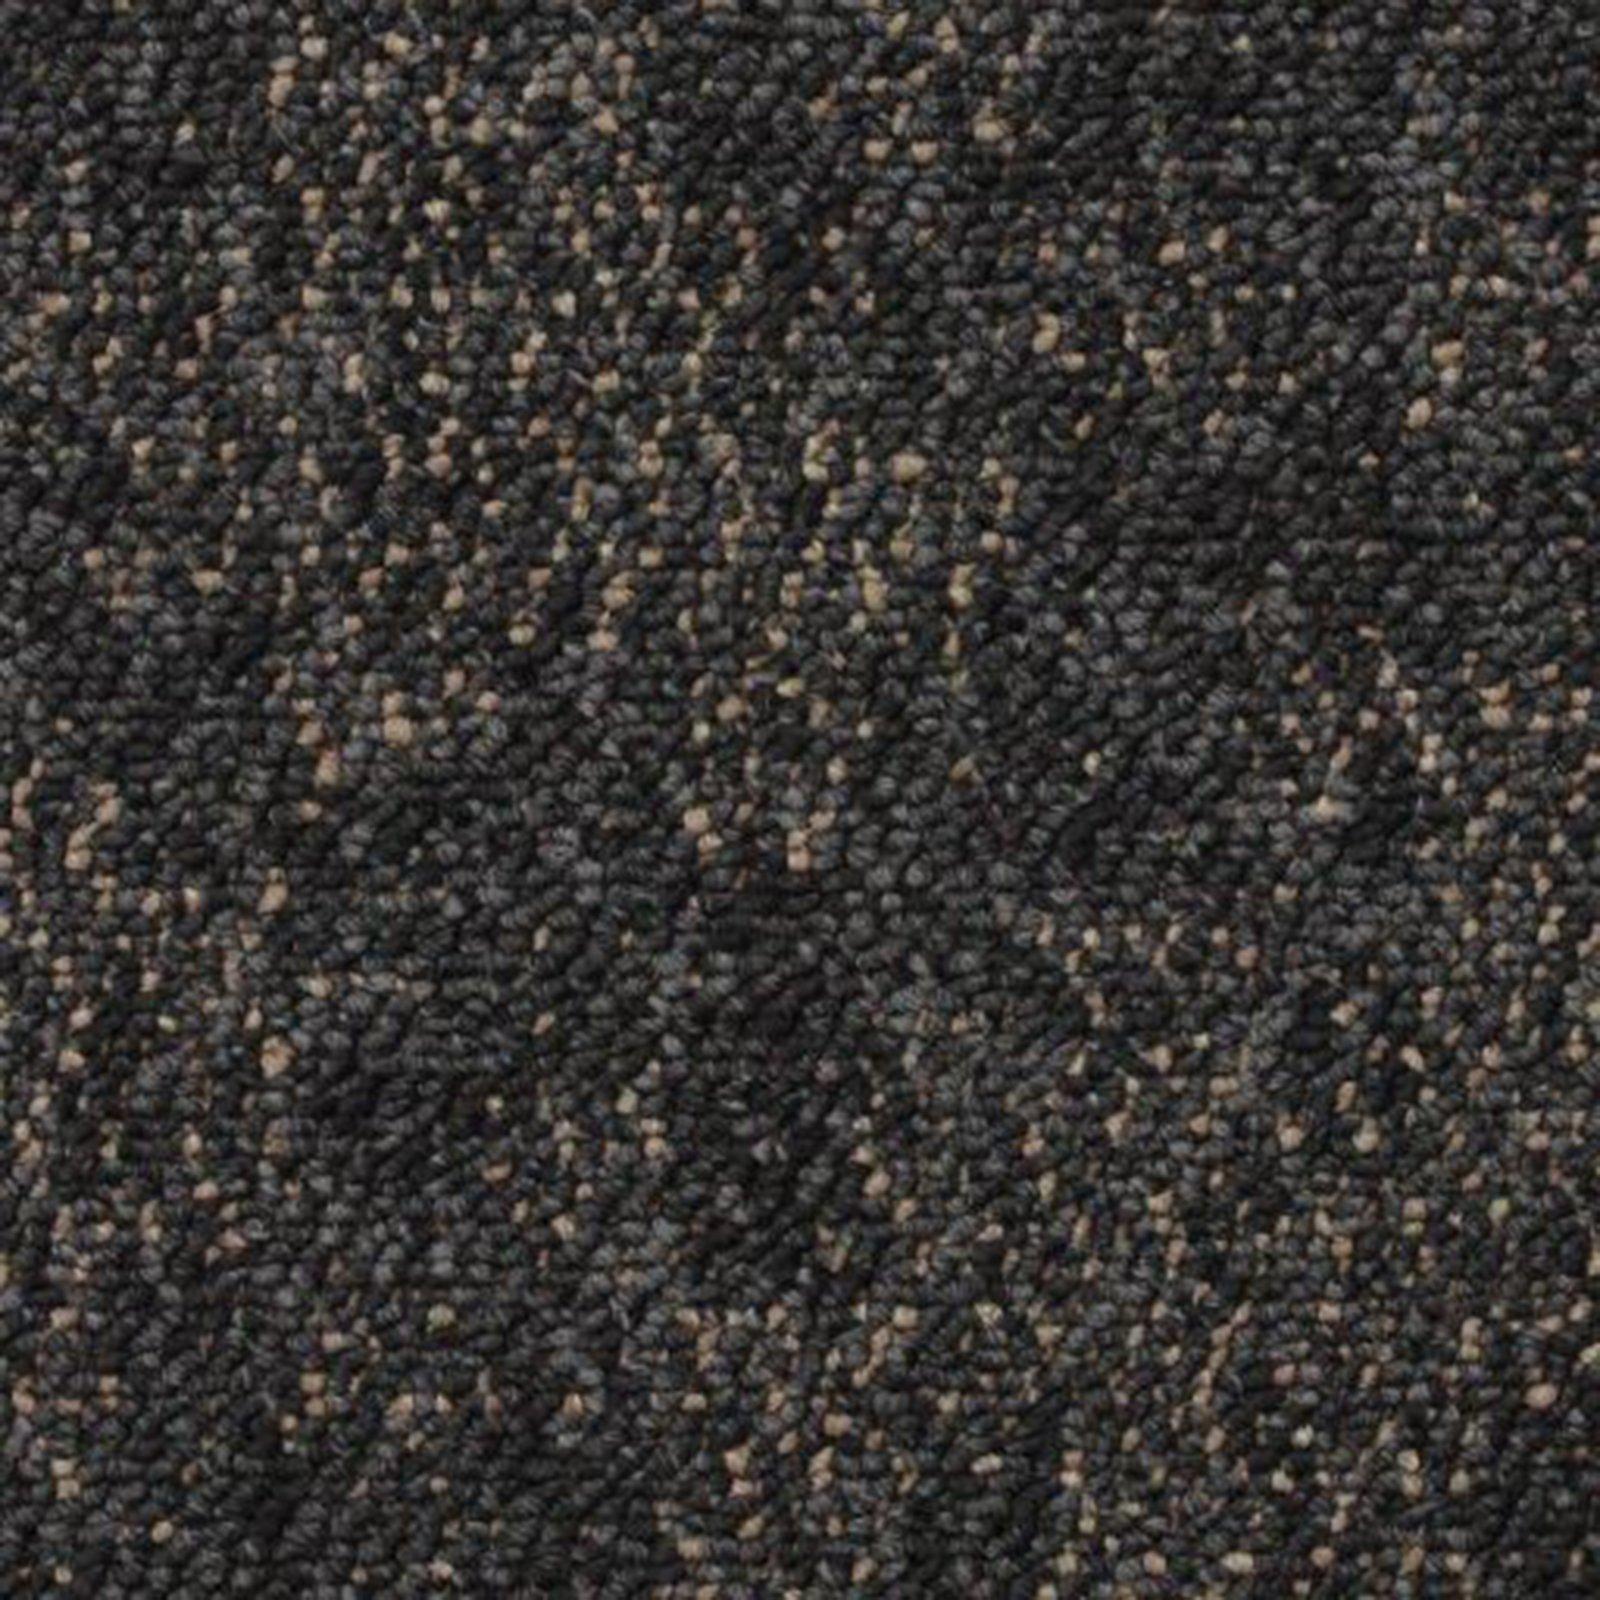 teppichboden sultan braun schwarz 4 meter breit teppichboden bodenbel ge renovieren. Black Bedroom Furniture Sets. Home Design Ideas